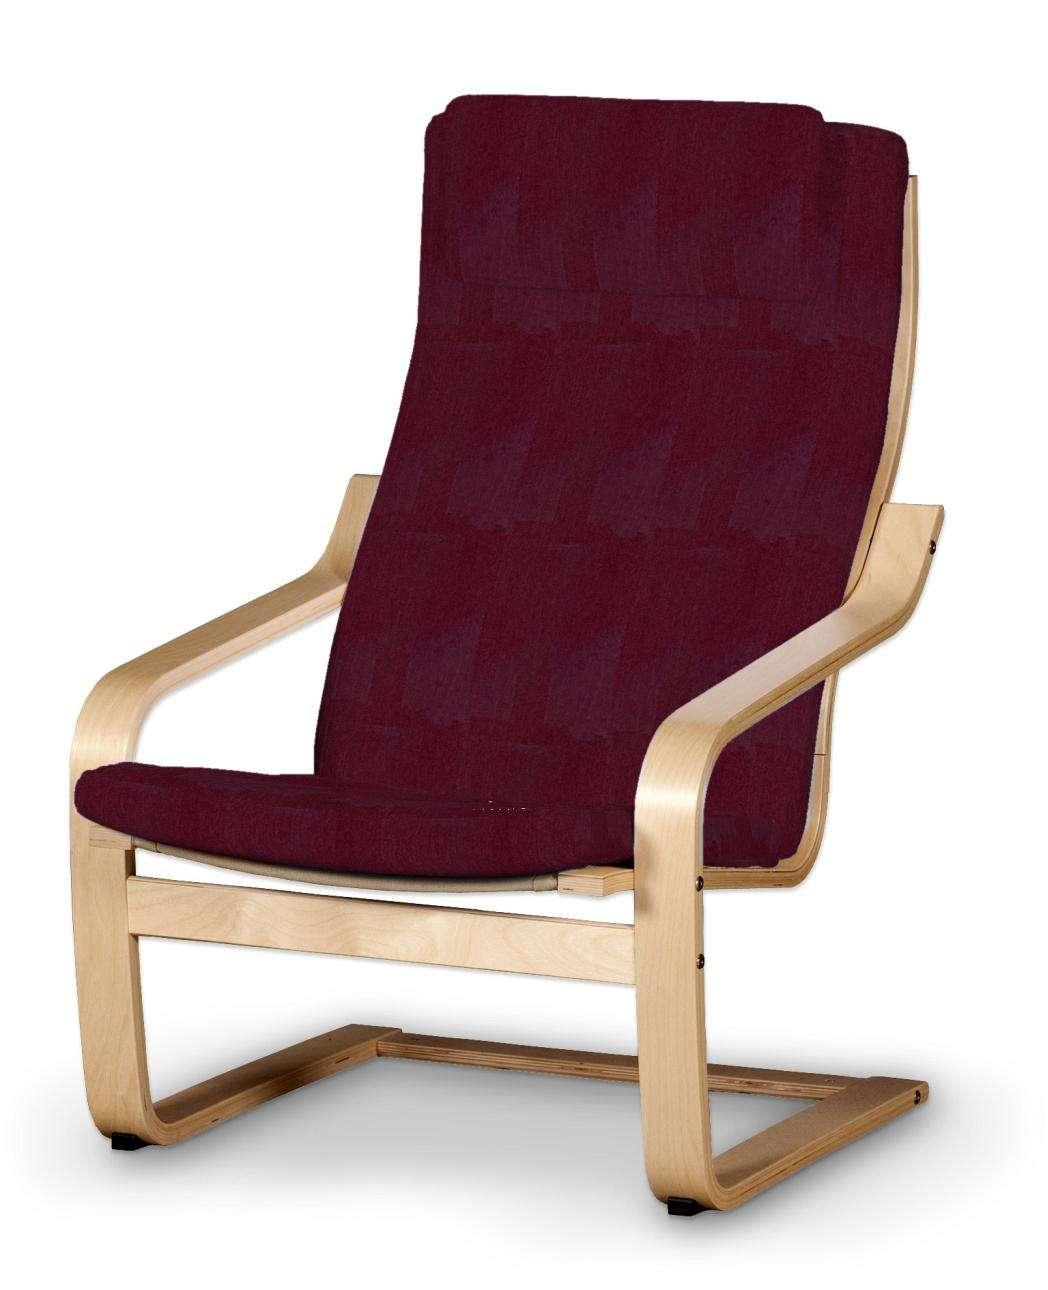 Poäng II  fotelio užvalkalas (su nuimama pagalvėle) Poäng II fotelis su nuimama pagalvėle kolekcijoje Chenille, audinys: 702-19